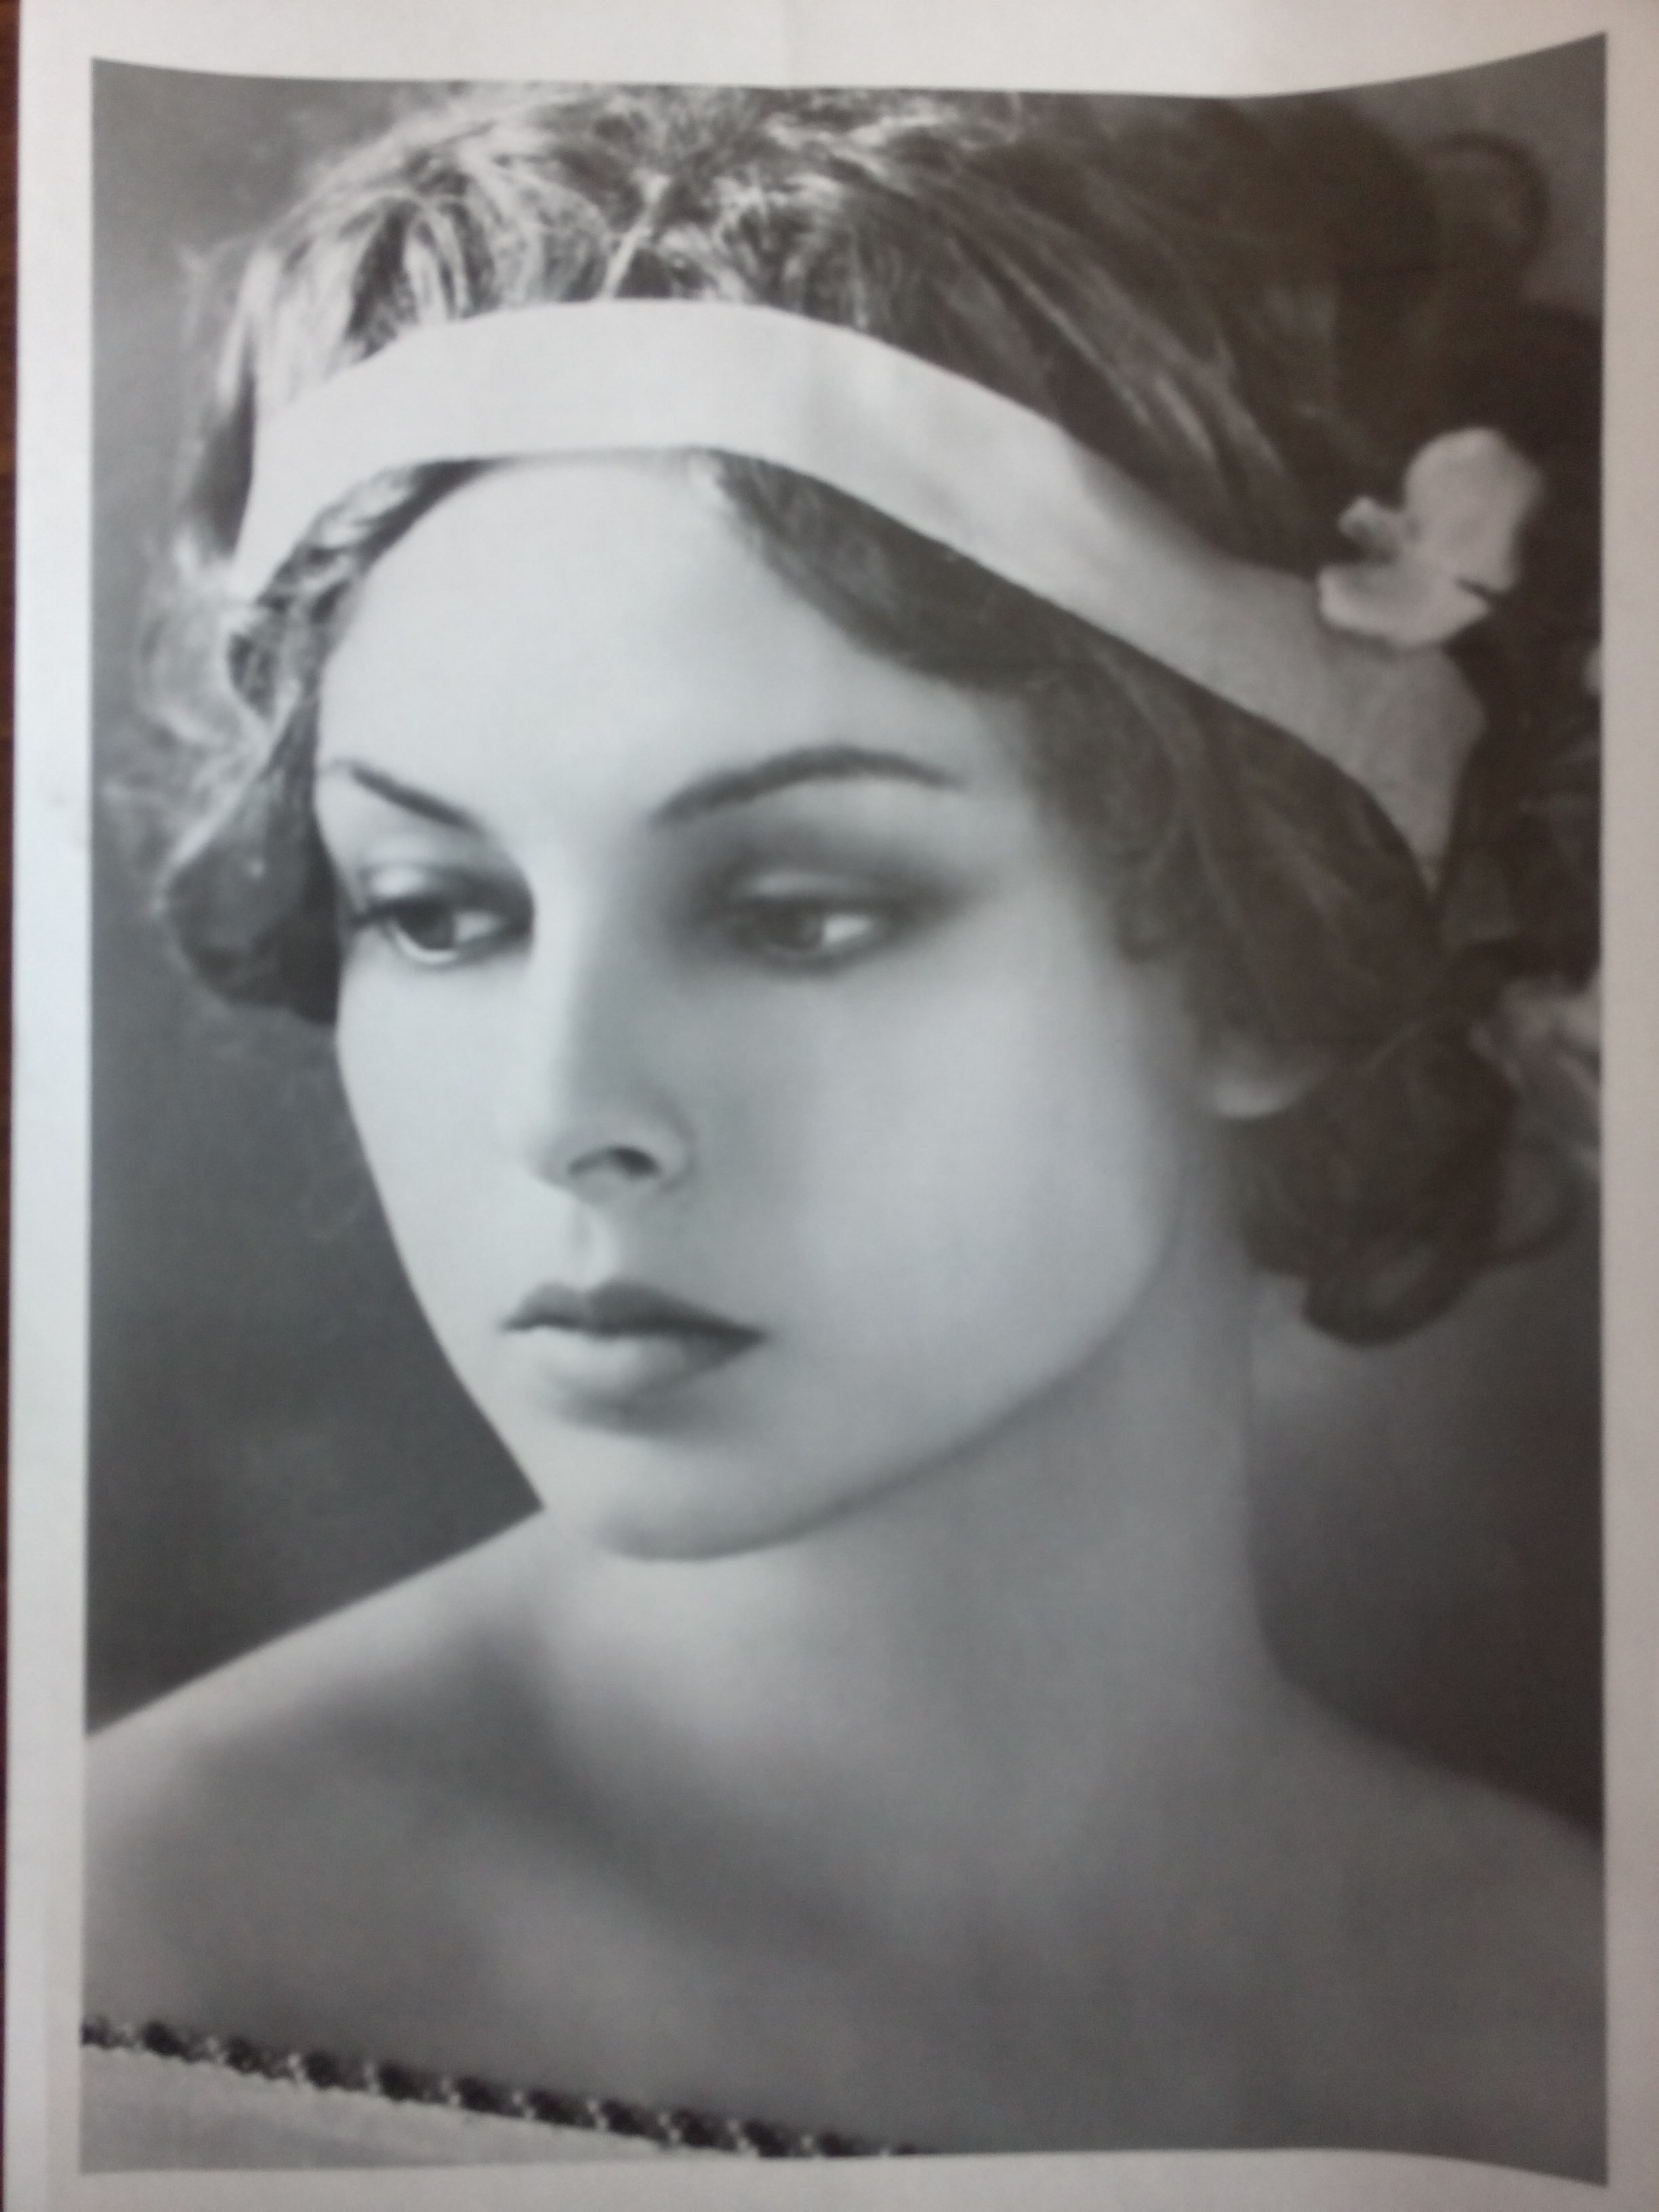 Juna Lady picture